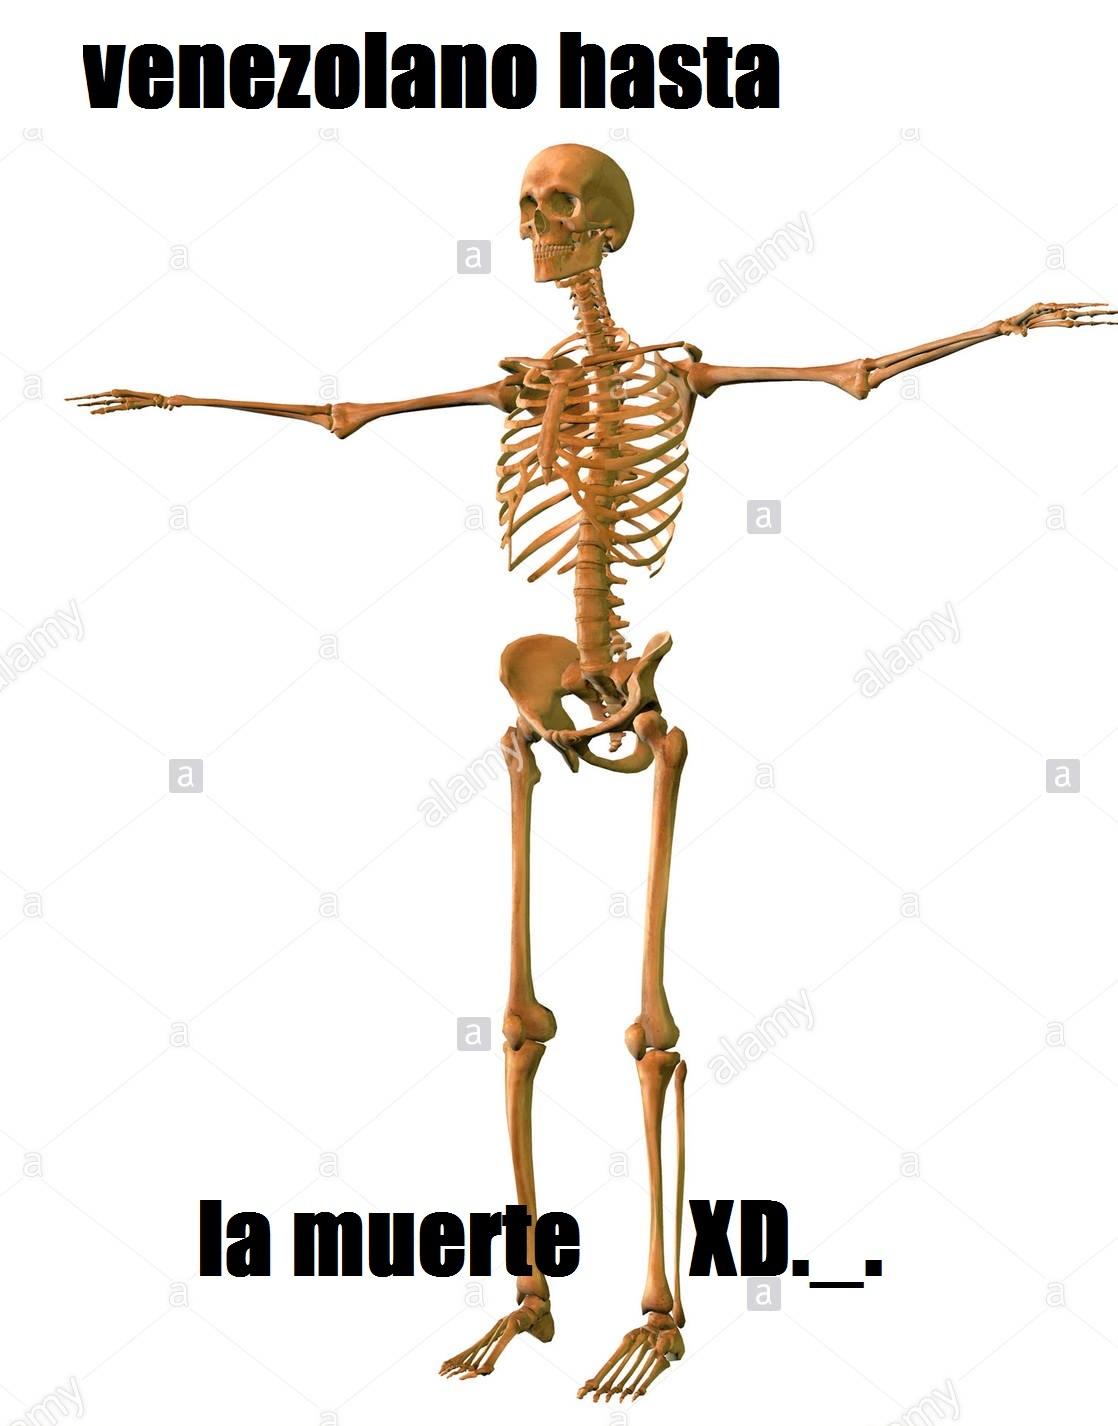 venezolano hasta la muerte f*ckyeah - meme